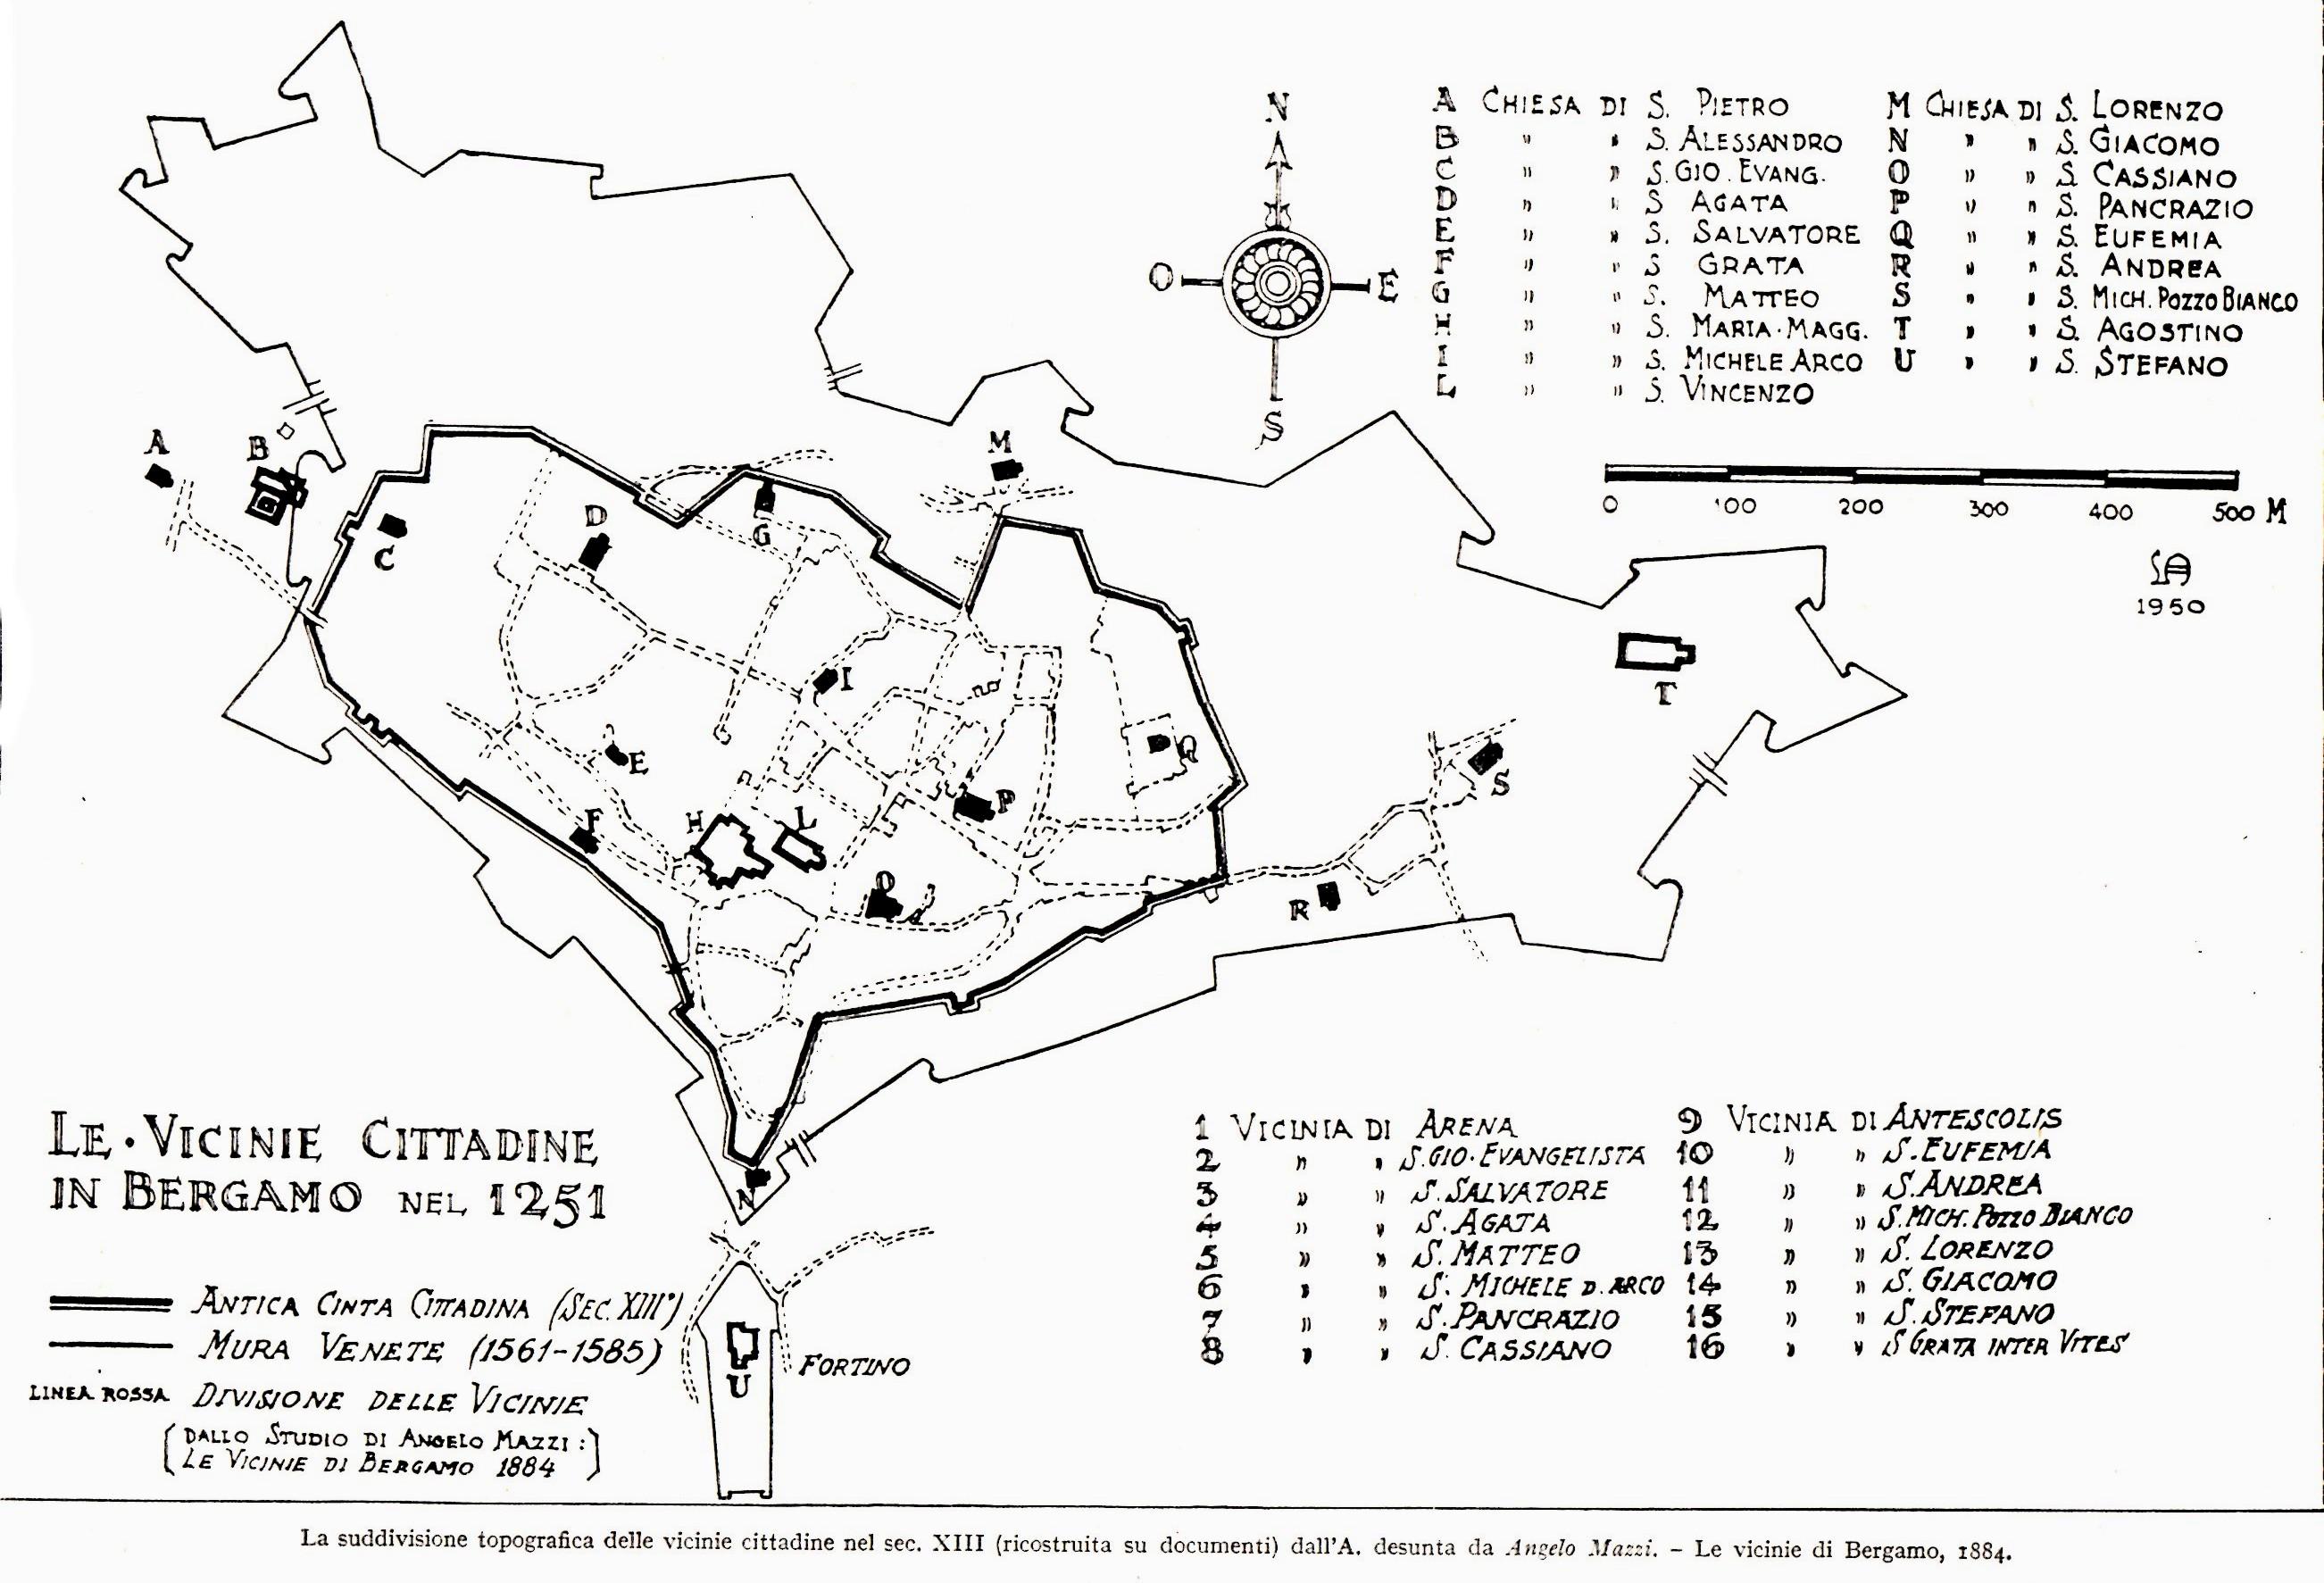 le vicinie - mappa L.Angelini 1952